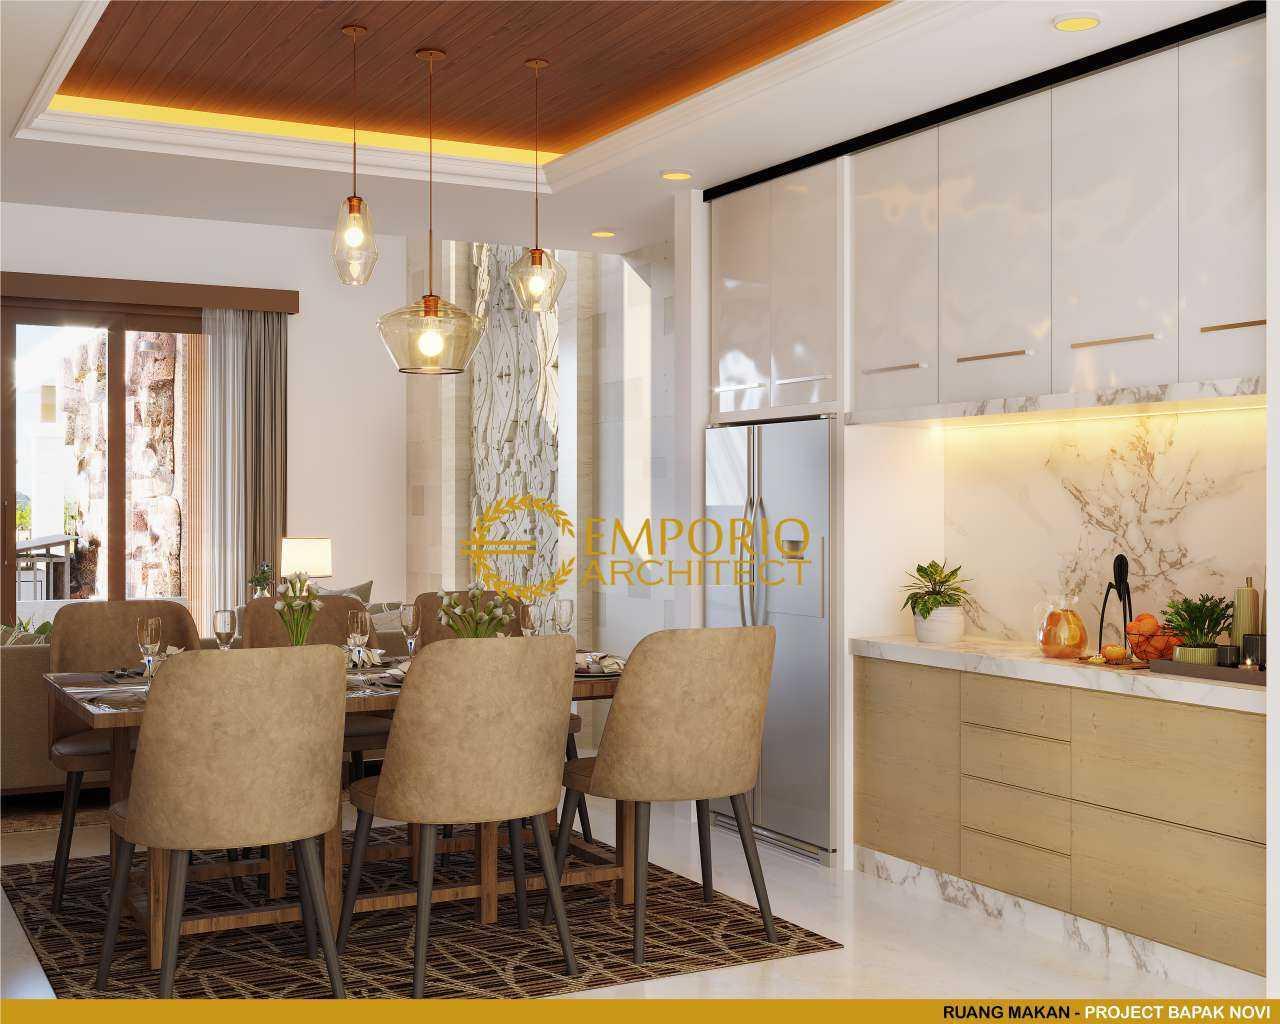 Emporio Architect Jasa Arsitek Bekasi Desain Rumah Villa Bali 2 Lantai 769 @ Bekasi, Jawa Barat Bekasi, Kota Bks, Jawa Barat, Indonesia Bekasi, Kota Bks, Jawa Barat, Indonesia Emporio-Architect-Jasa-Arsitek-Bekasi-Desain-Rumah-Villa-Bali-2-Lantai-769-Bekasi-Jawa-Barat  87563